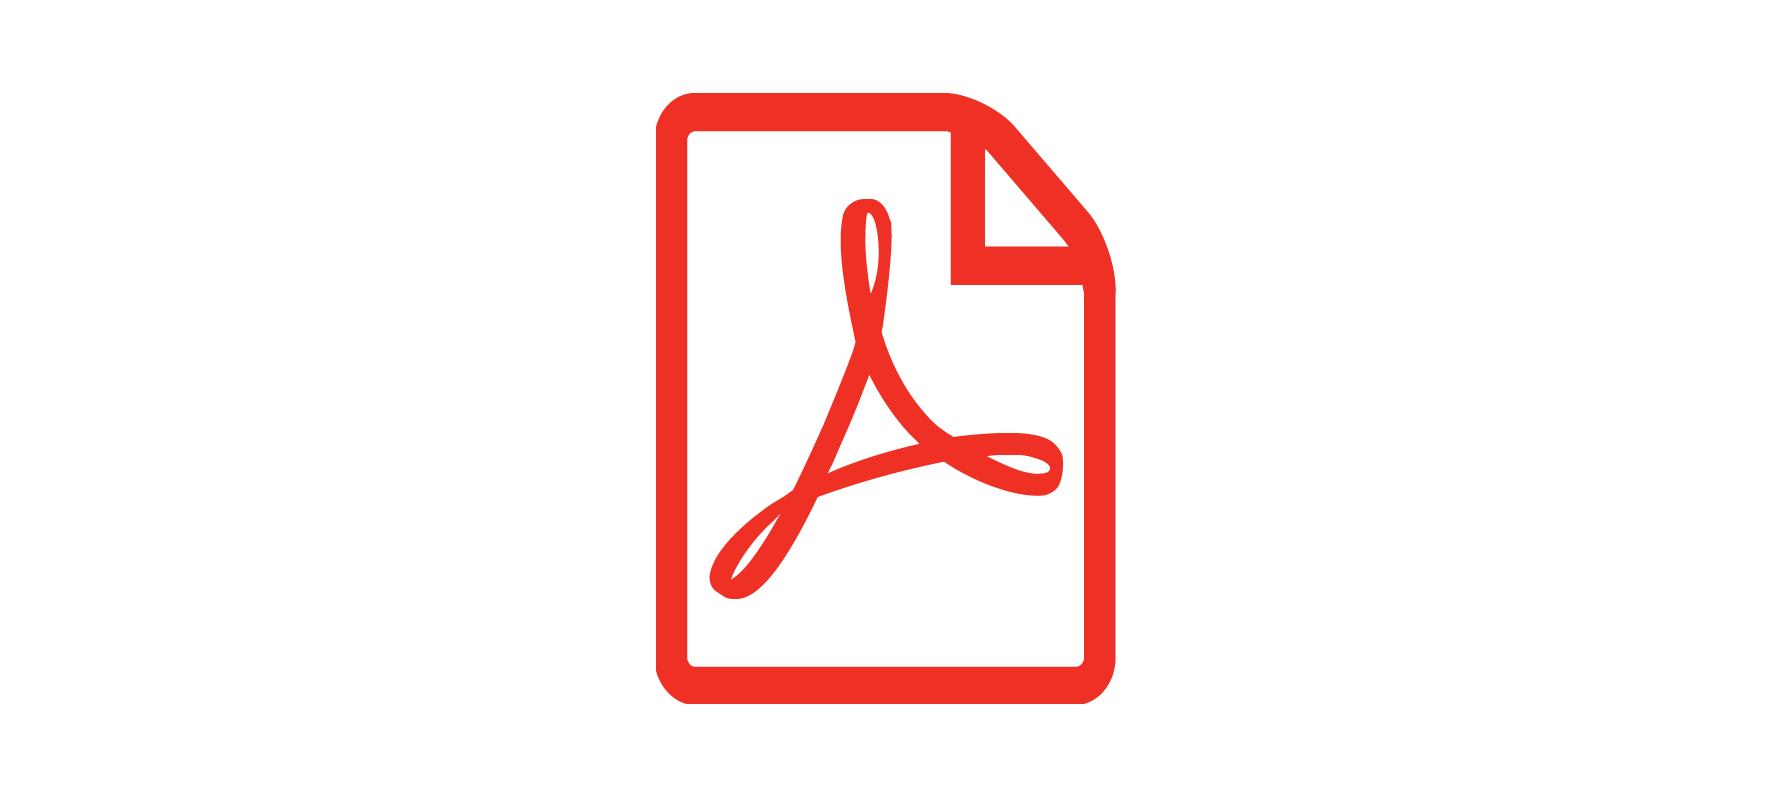 PDF X/1a:2001